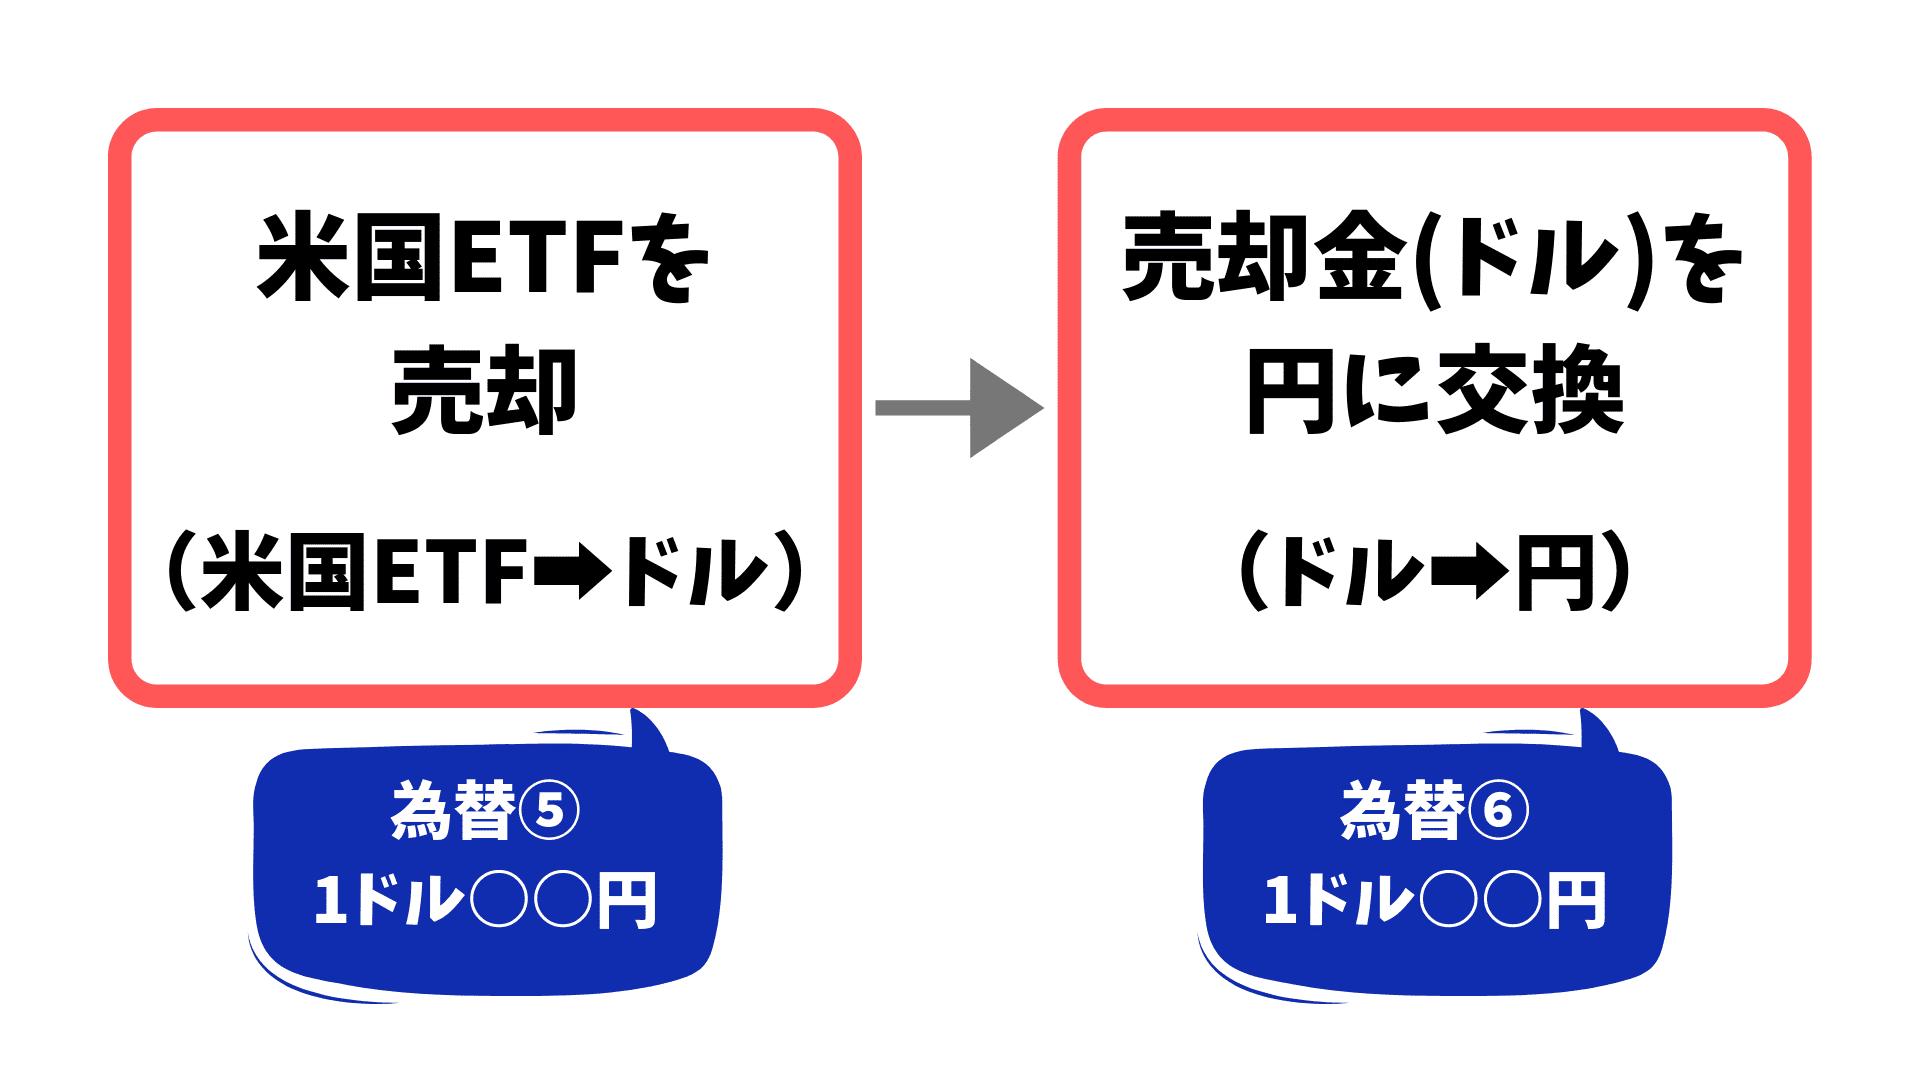 【海外ETFの為替差益】米国ETFを売却してドルを円に交換